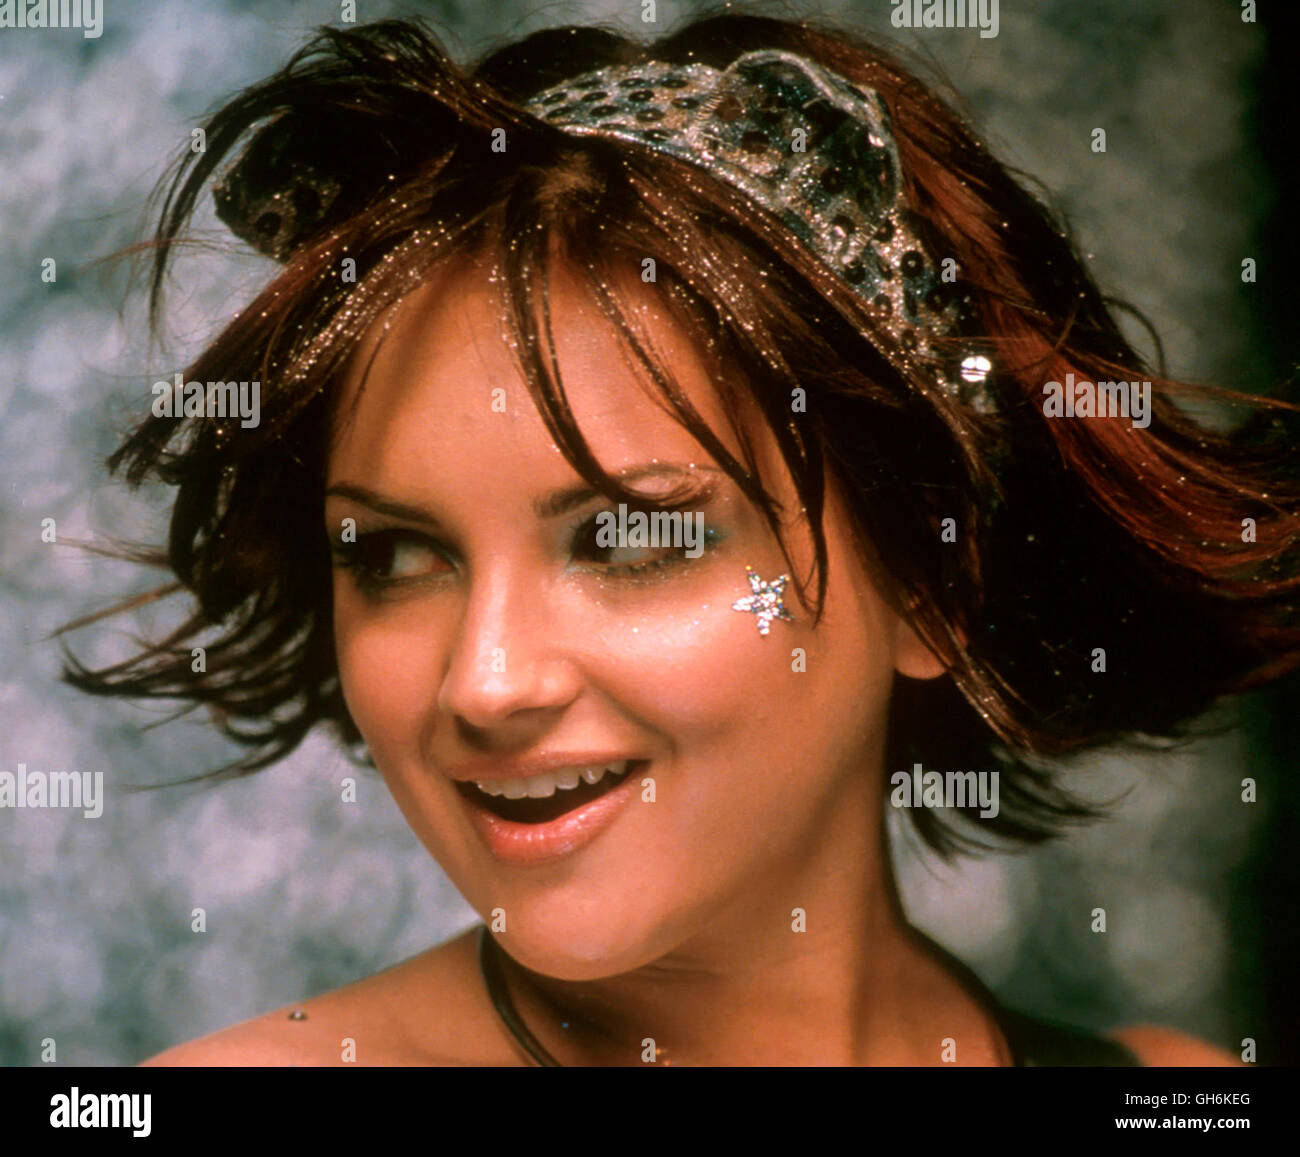 JOSIE AND THE PUSSYCATS / Josie and the Pussycats USA 2000 / Deborah Kaplan/Harry Elfont Die besten Freundinnen - Stock Image